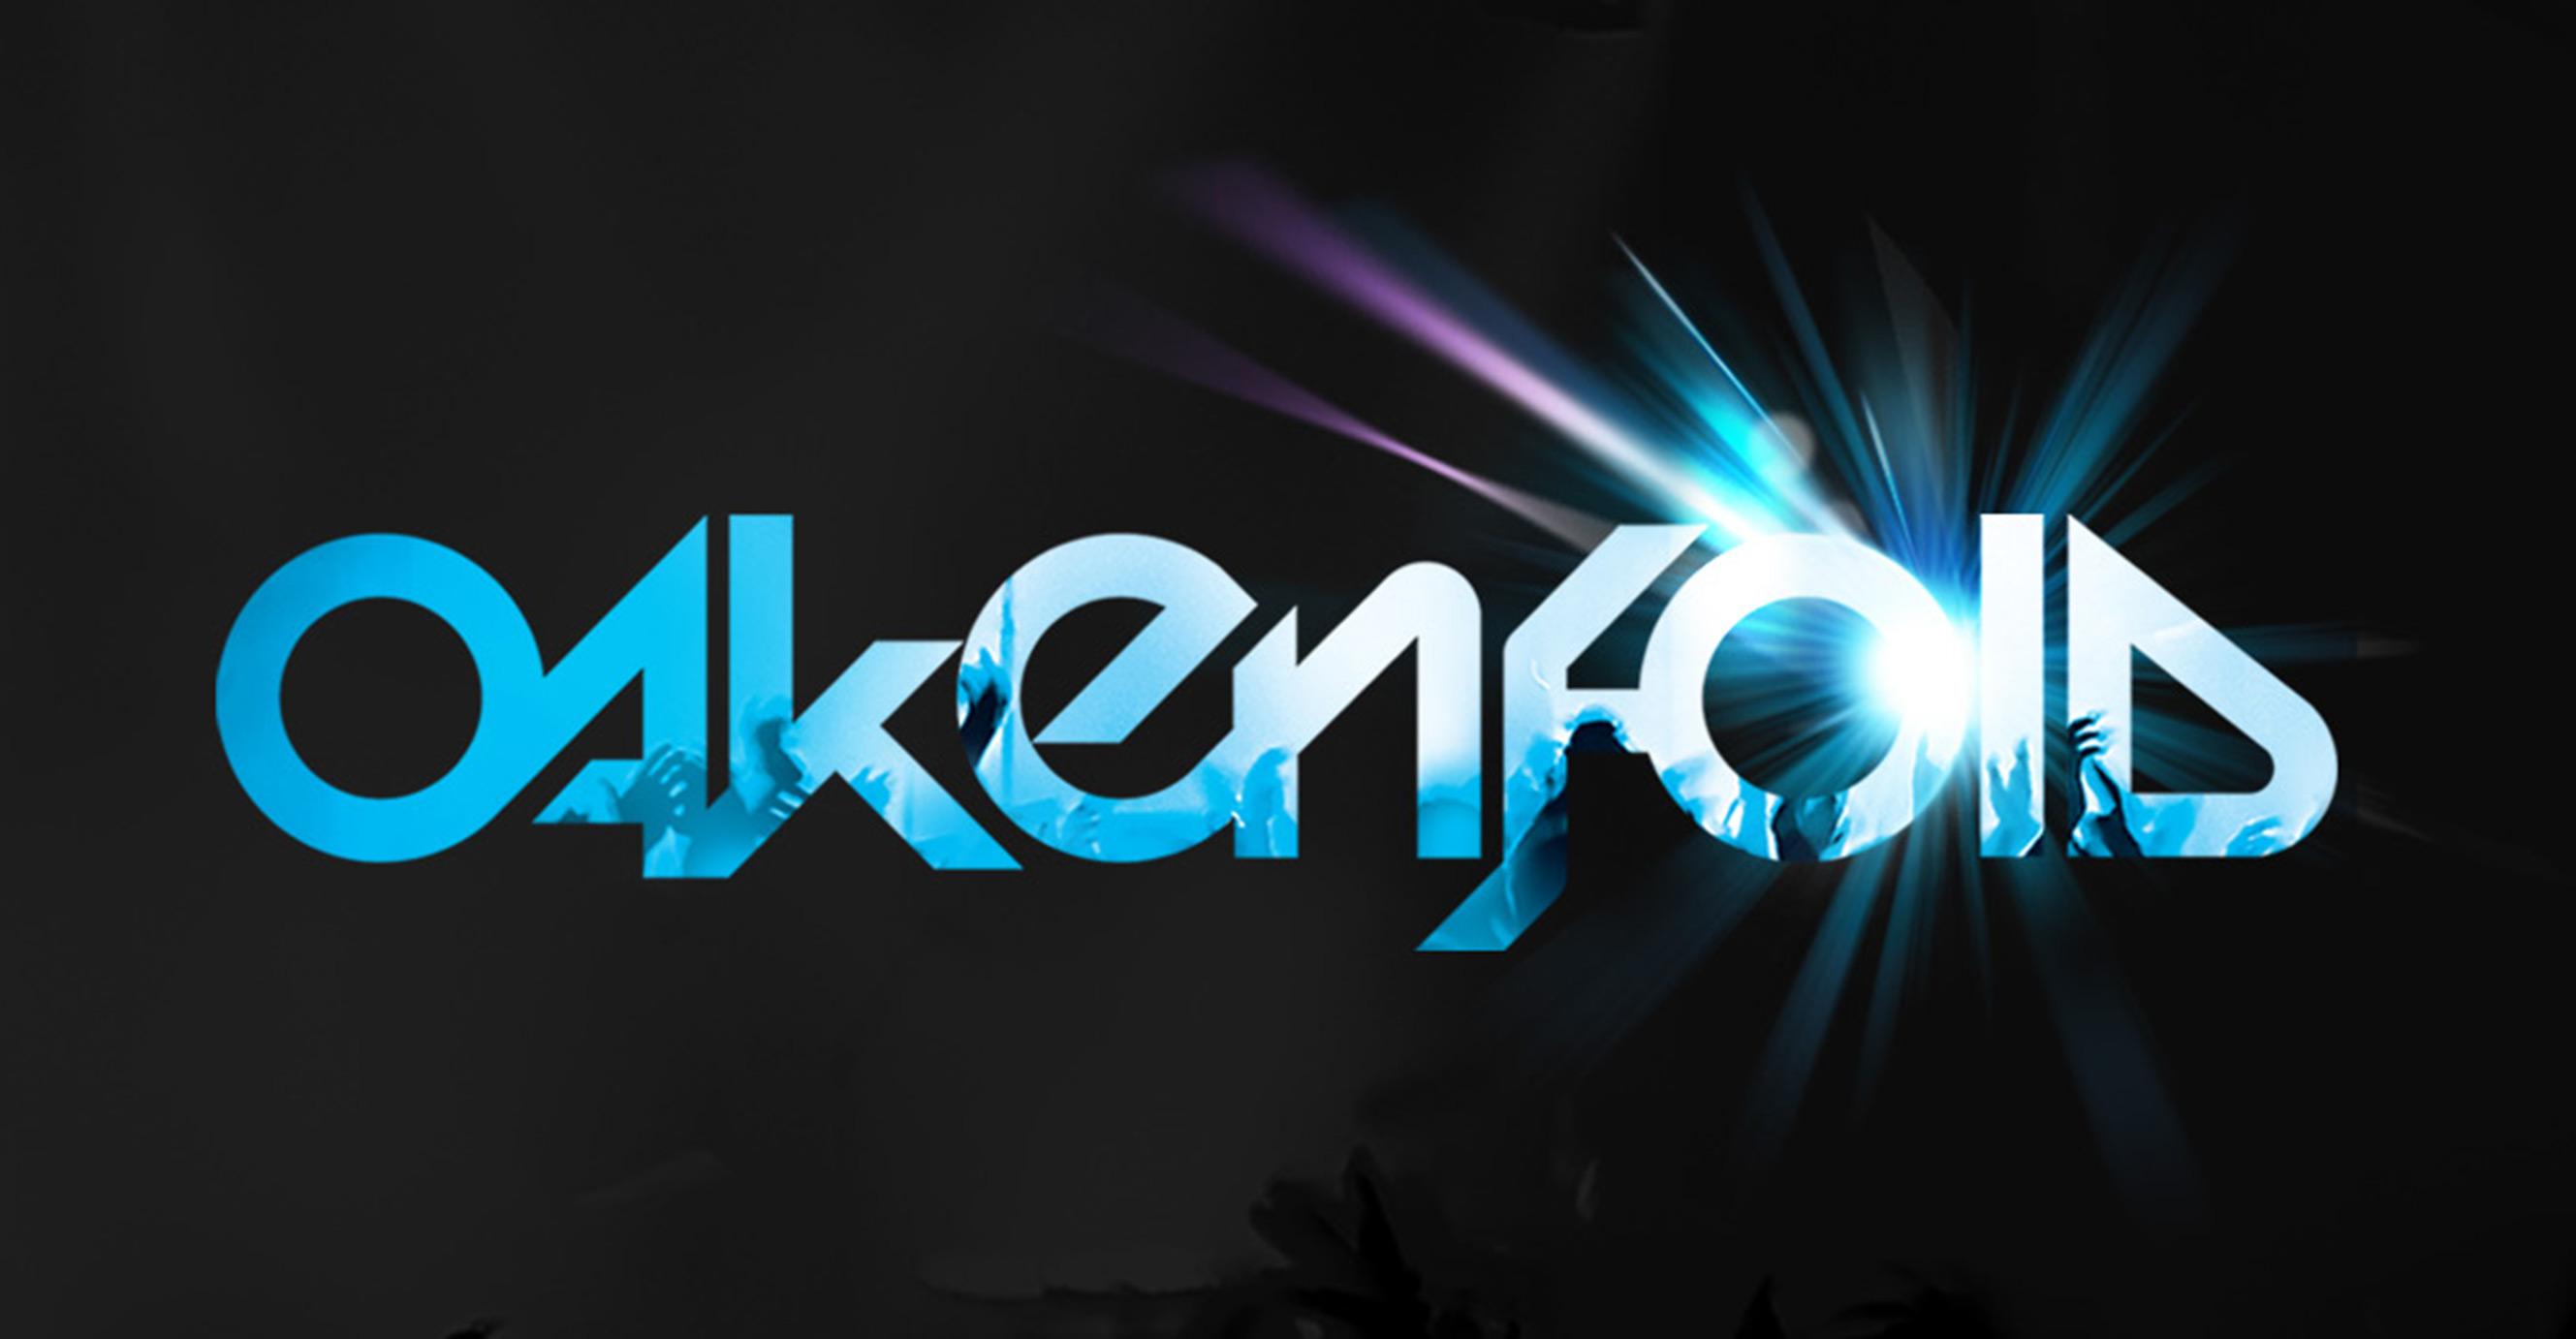 Paul Oakenfold logo